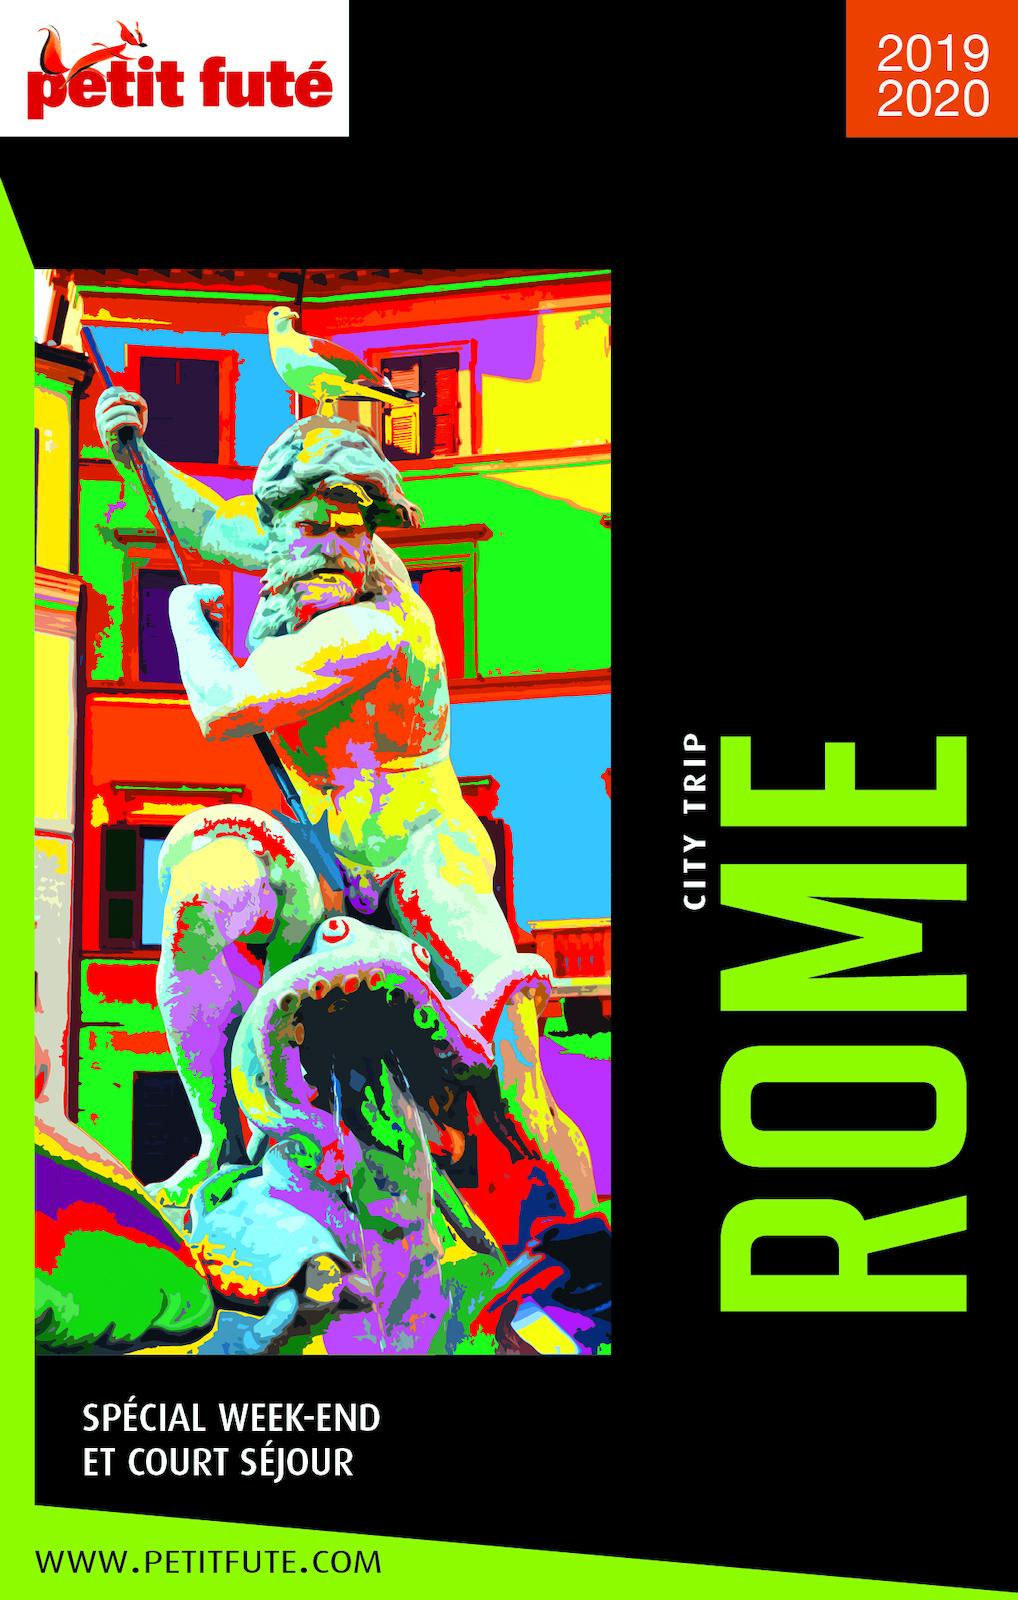 ROME CITY TRIP 2019 City trip Petit Futé